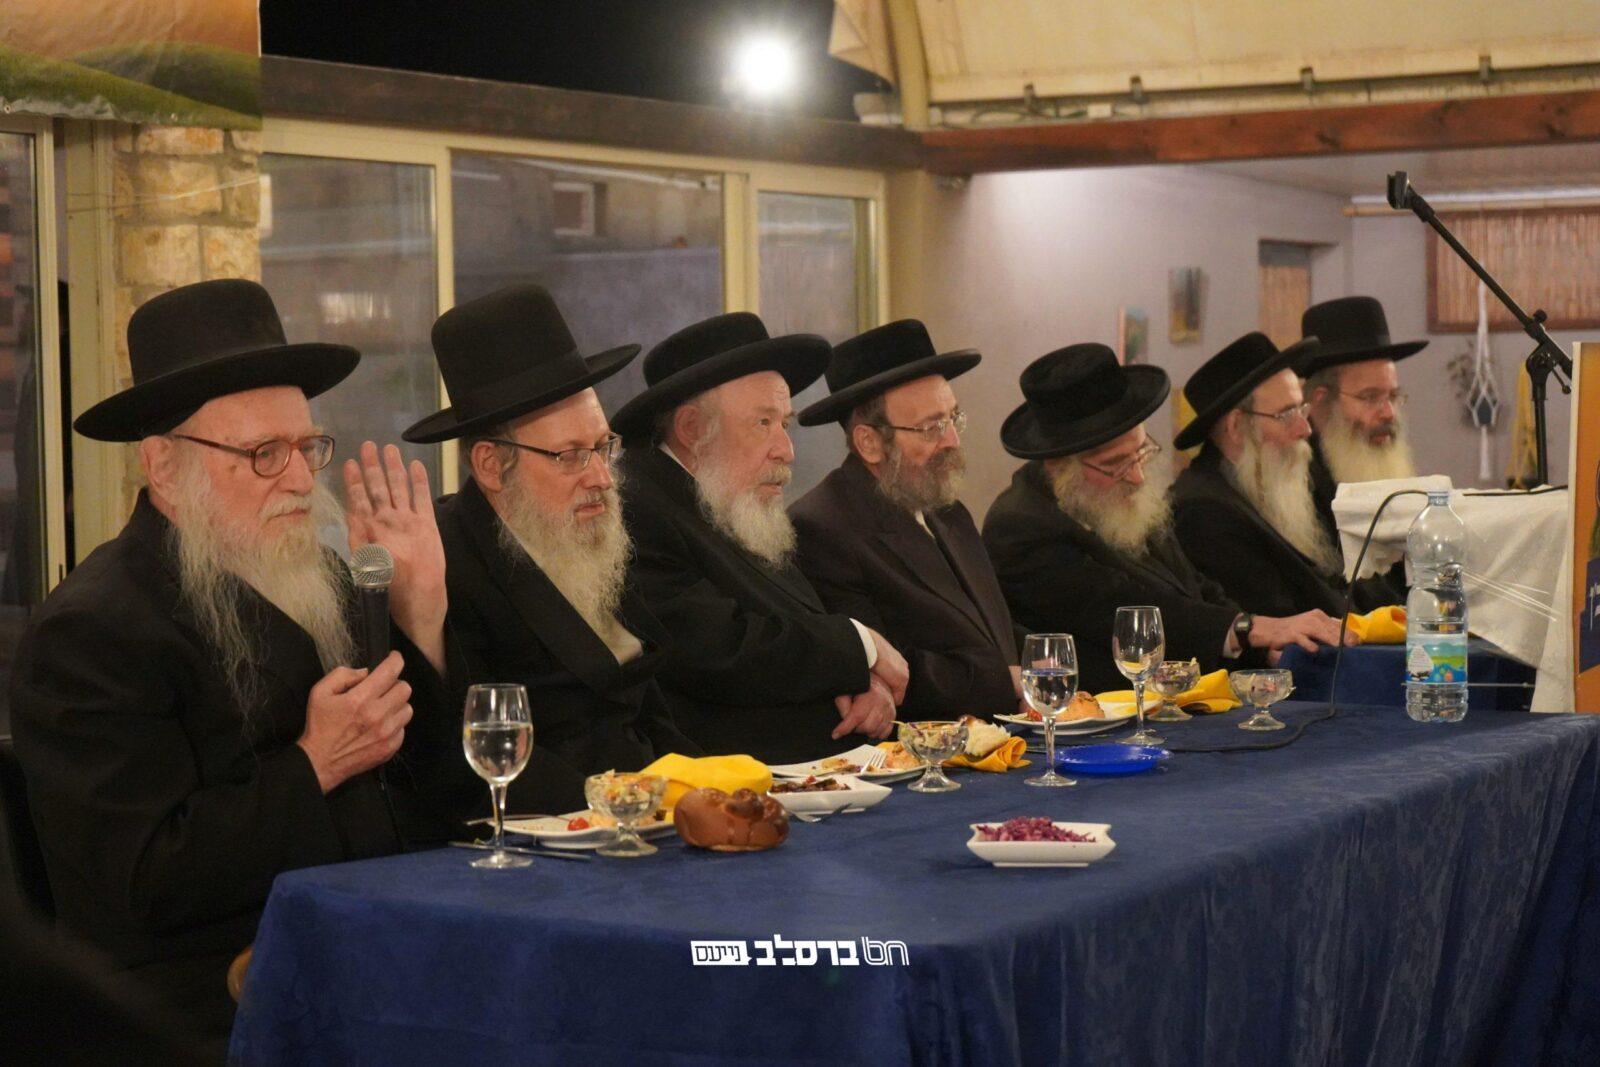 בית שמש: קהילת ברסלב ברמת בית שמש ג' 2 בכינוס מיוחד לבניית הבית הכנסת 'א שול פאר'ן רעב'ן'